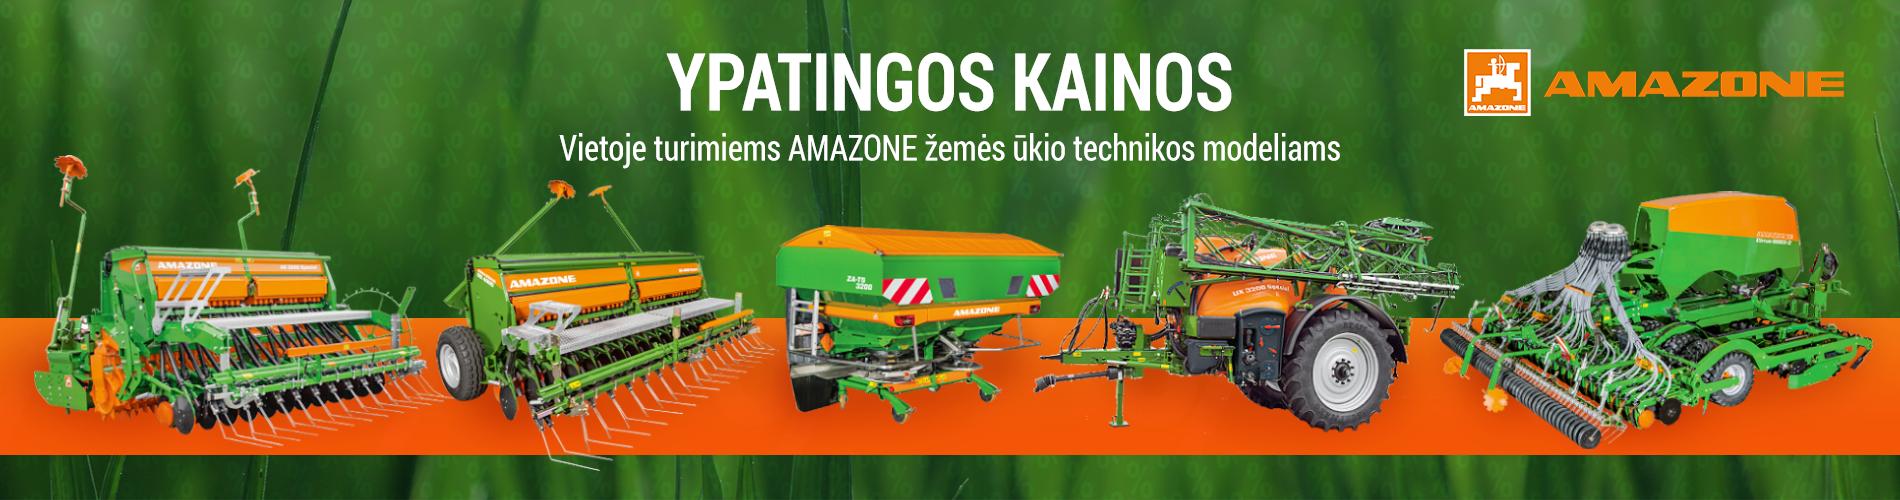 Ypatingos kainos vietoje turimiems AMAZONE žemės ūkio technikos modeliams